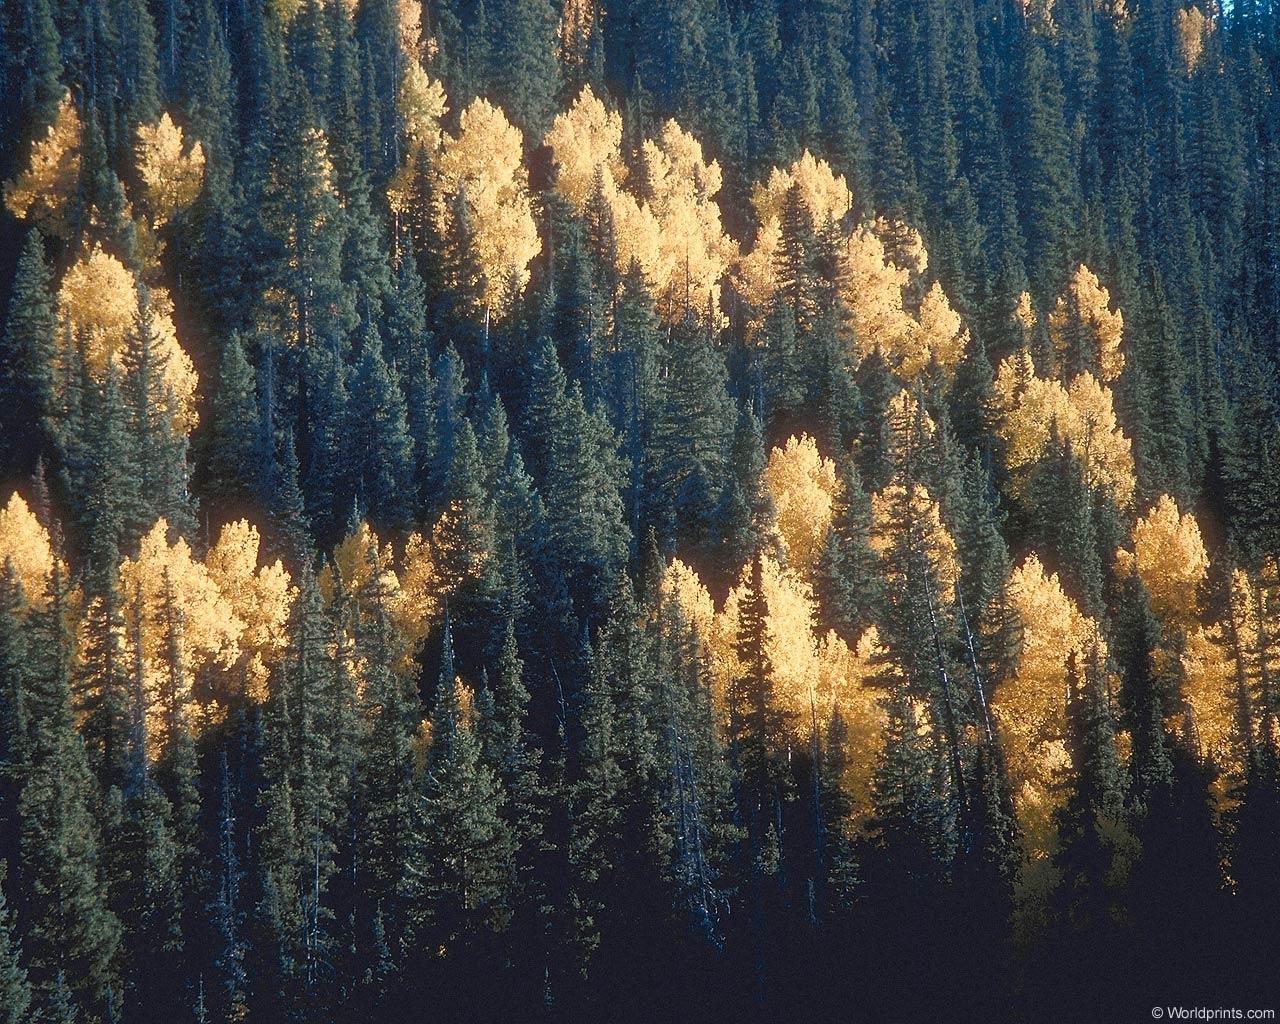 7947 Hintergrundbild herunterladen Tannenbaum, Pflanzen, Landschaft, Natur, Bäume - Bildschirmschoner und Bilder kostenlos